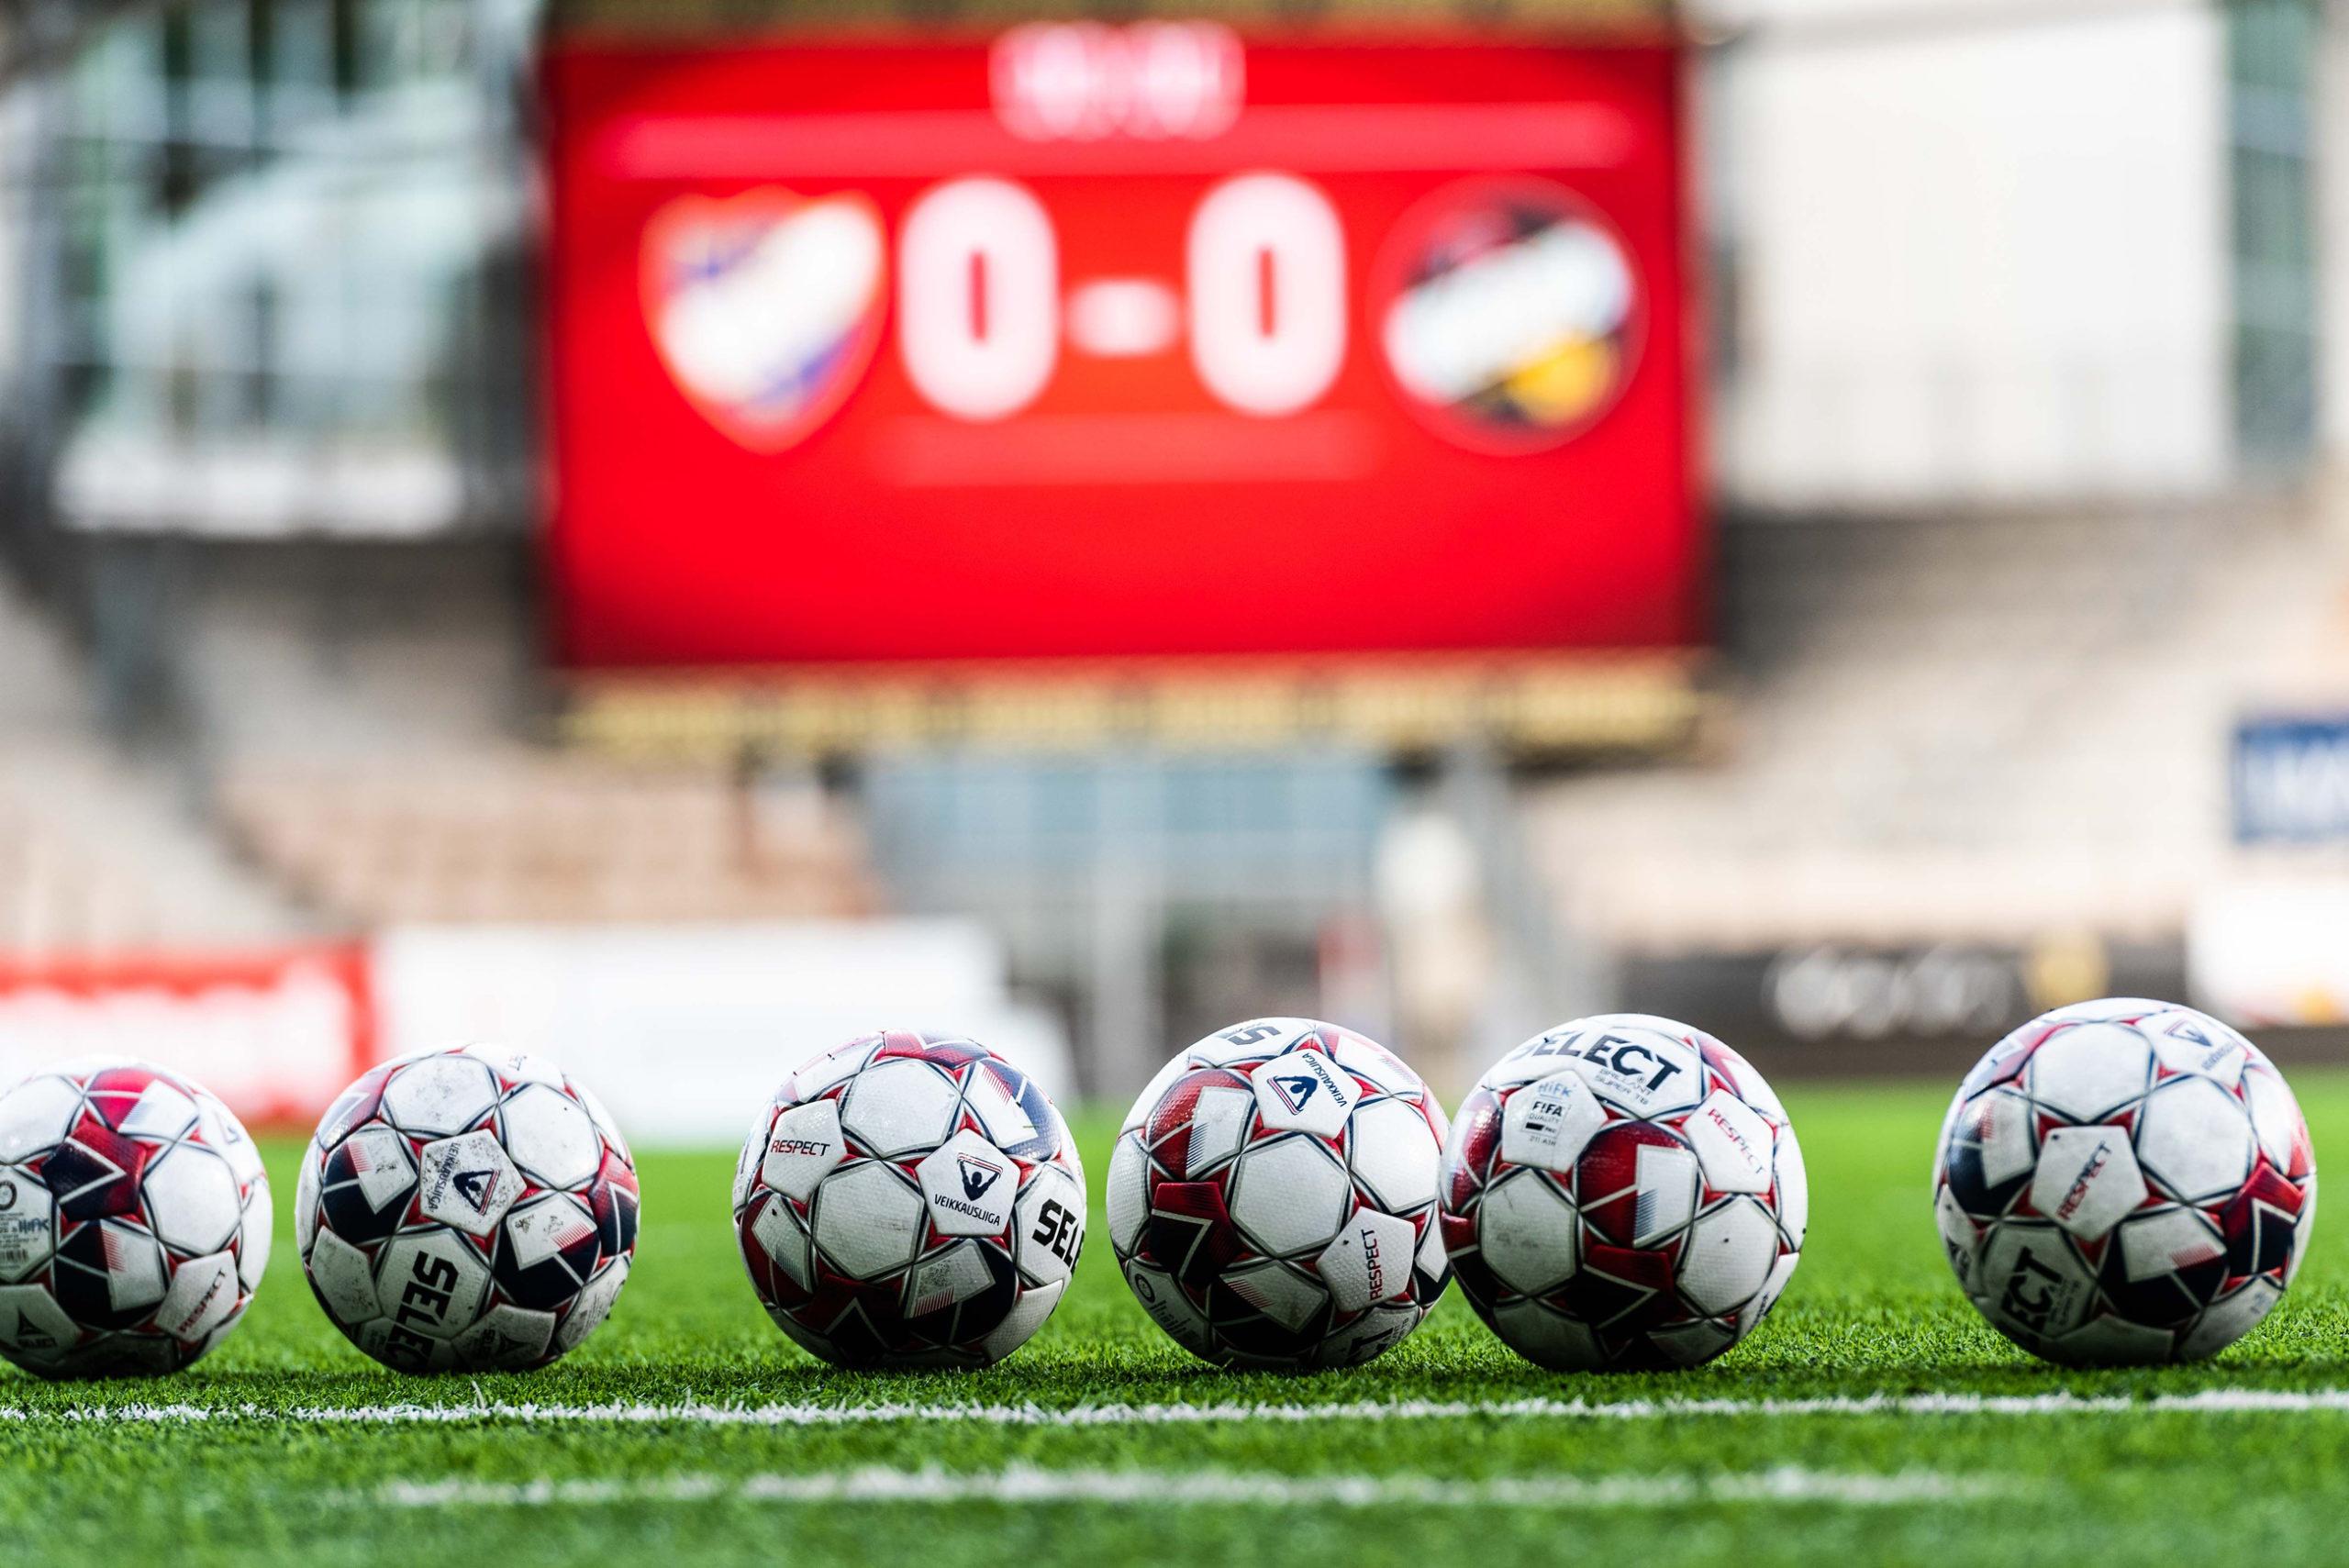 Veikkausliigan kauden 2020 otteluohjelma julkistettu